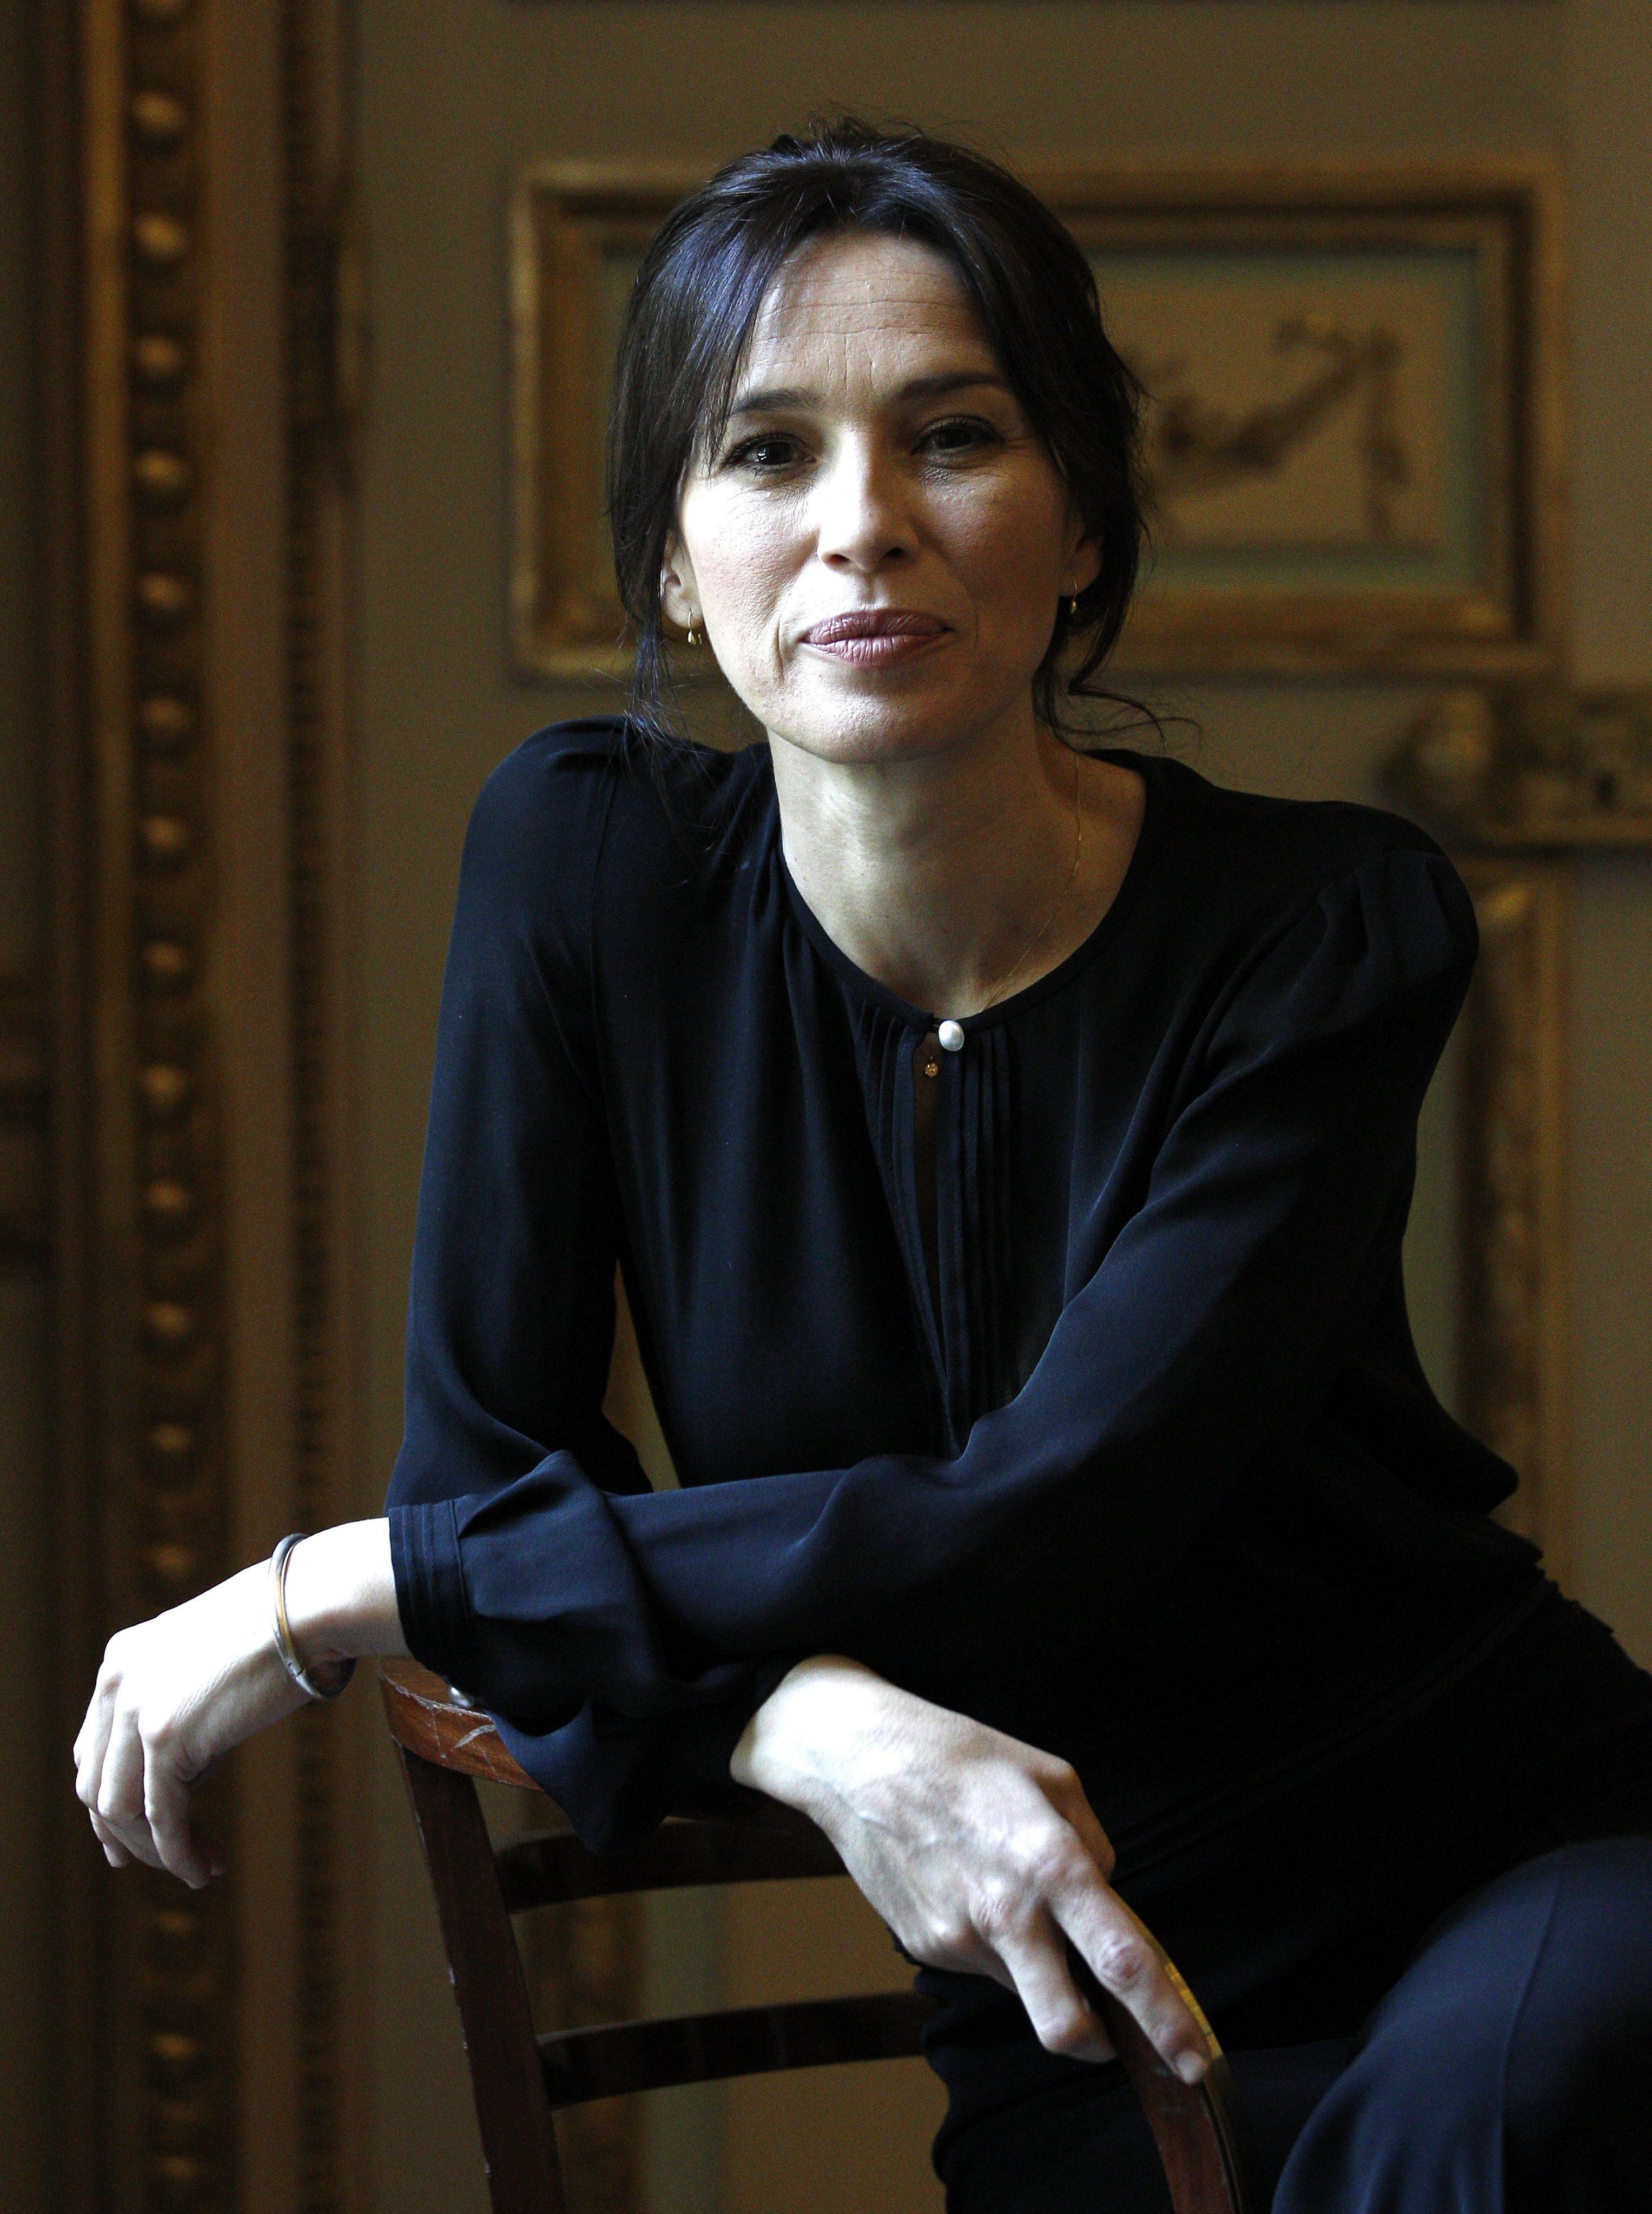 La actriz Ariadna Gil cree que habría que despedir a todos los políticos